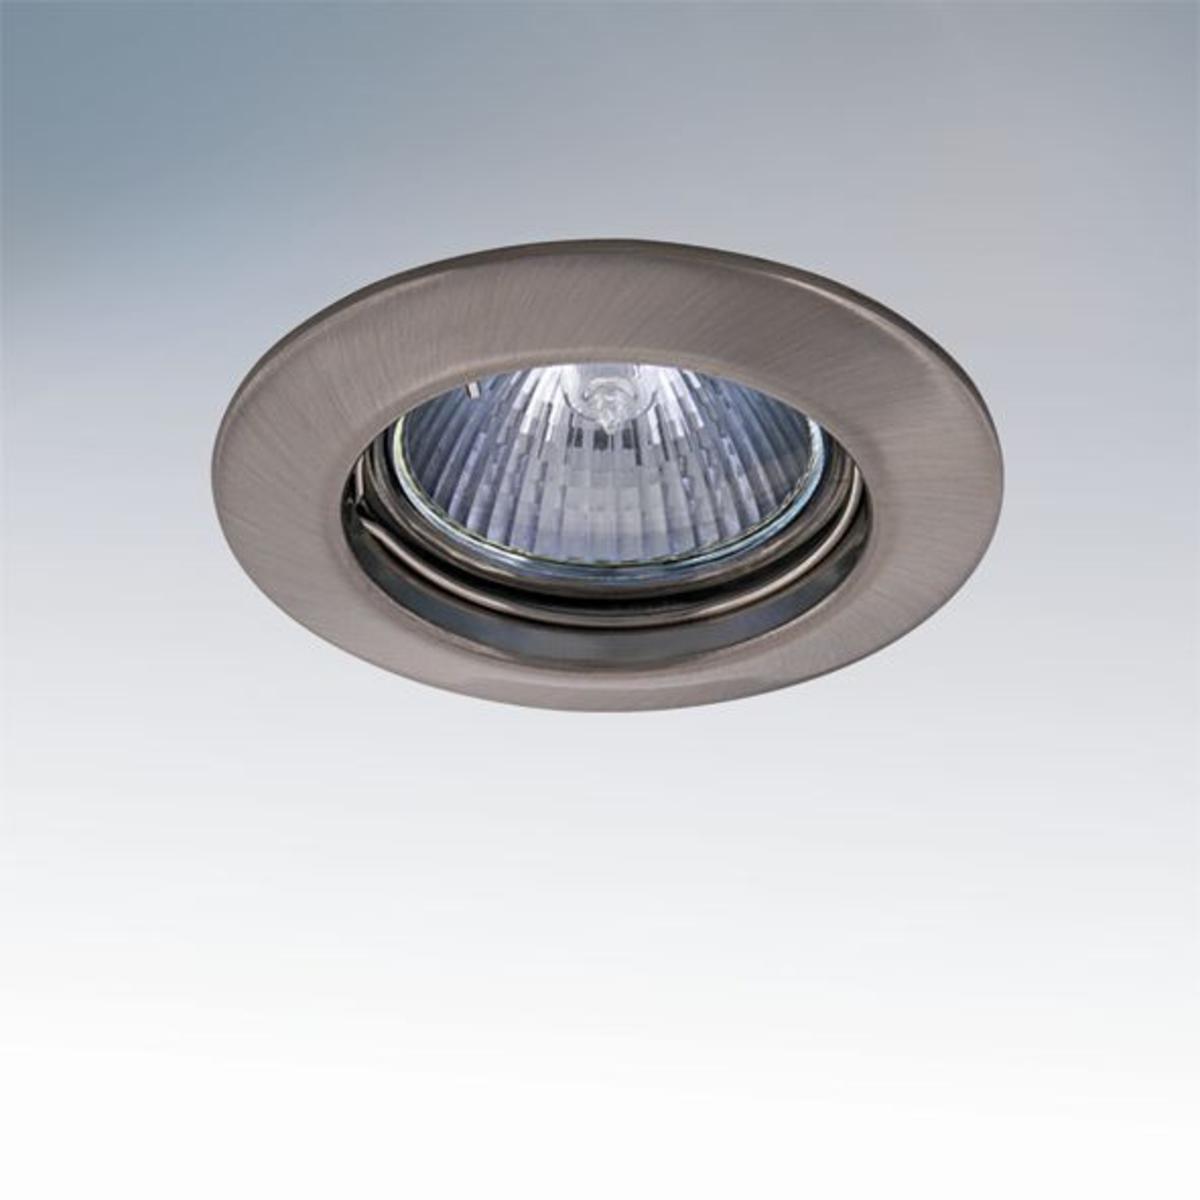 Купить Встраиваемый светильник LEGA HI FIX 011015, HomeMe